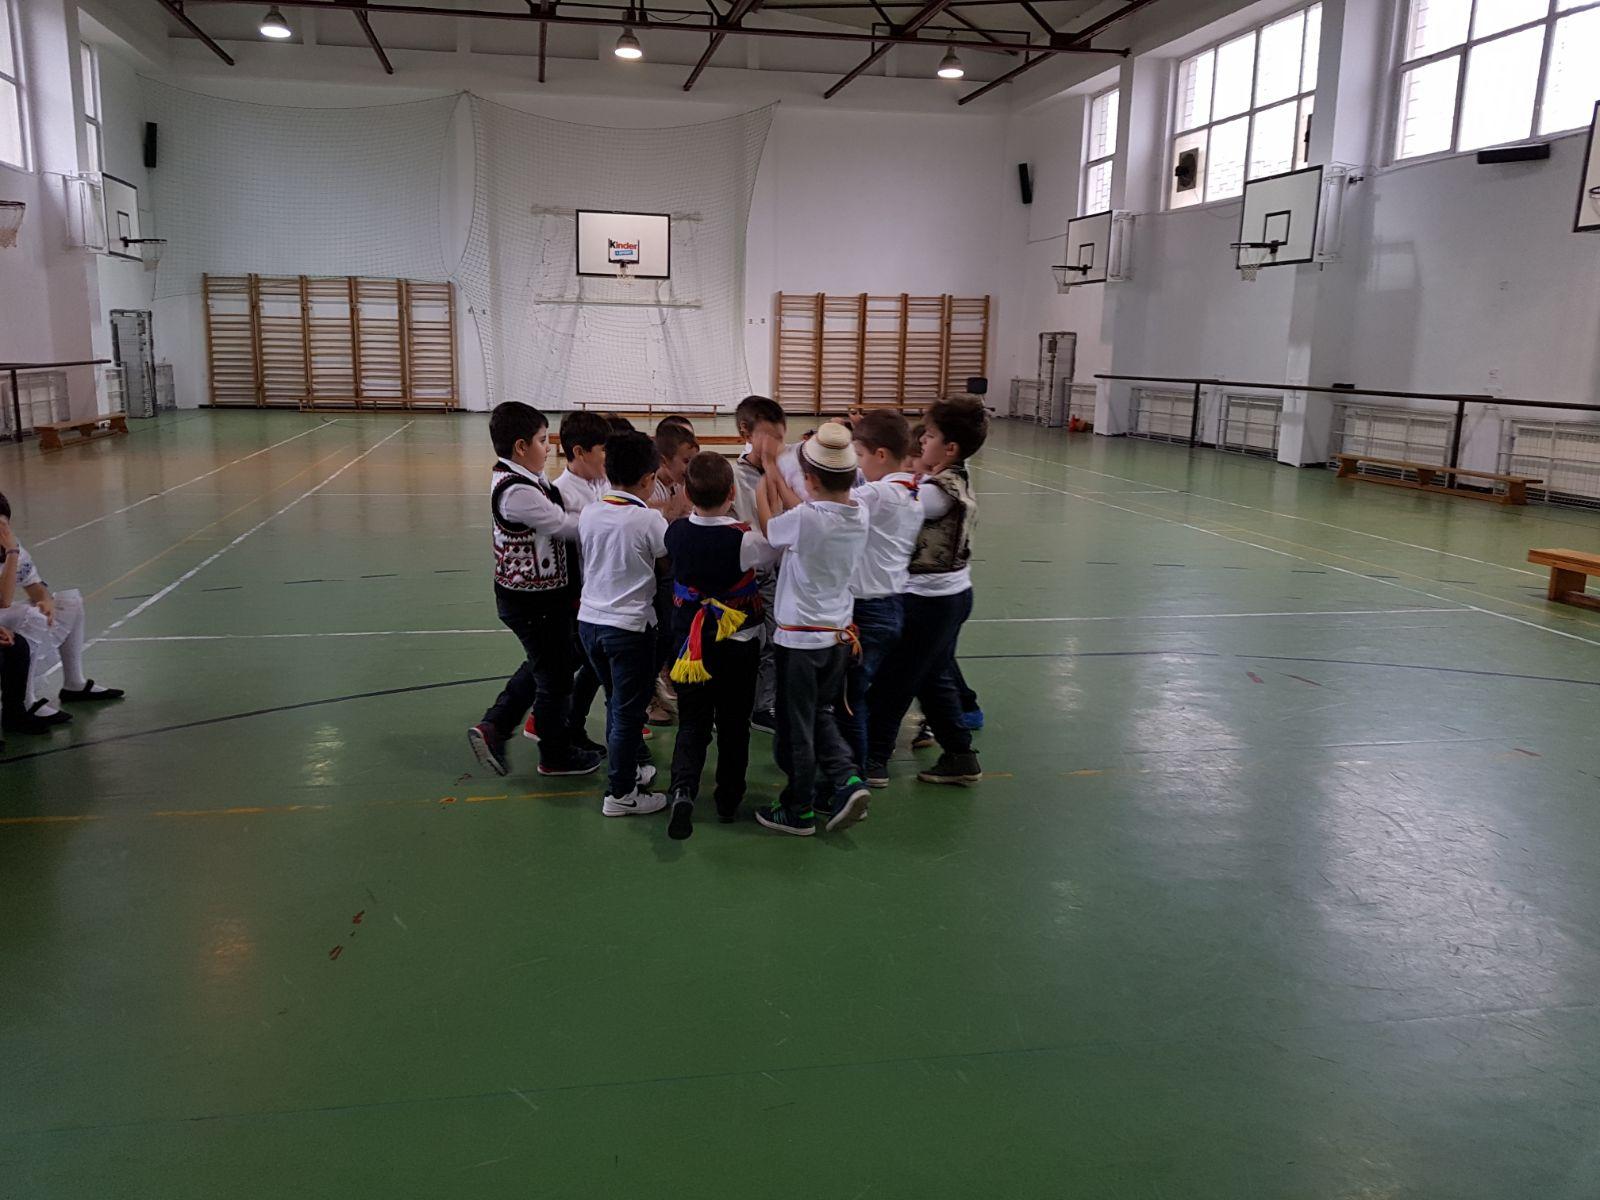 http://www.scoala12bucuresti.ro/site/wp-content/uploads/2017/12/10.jpg